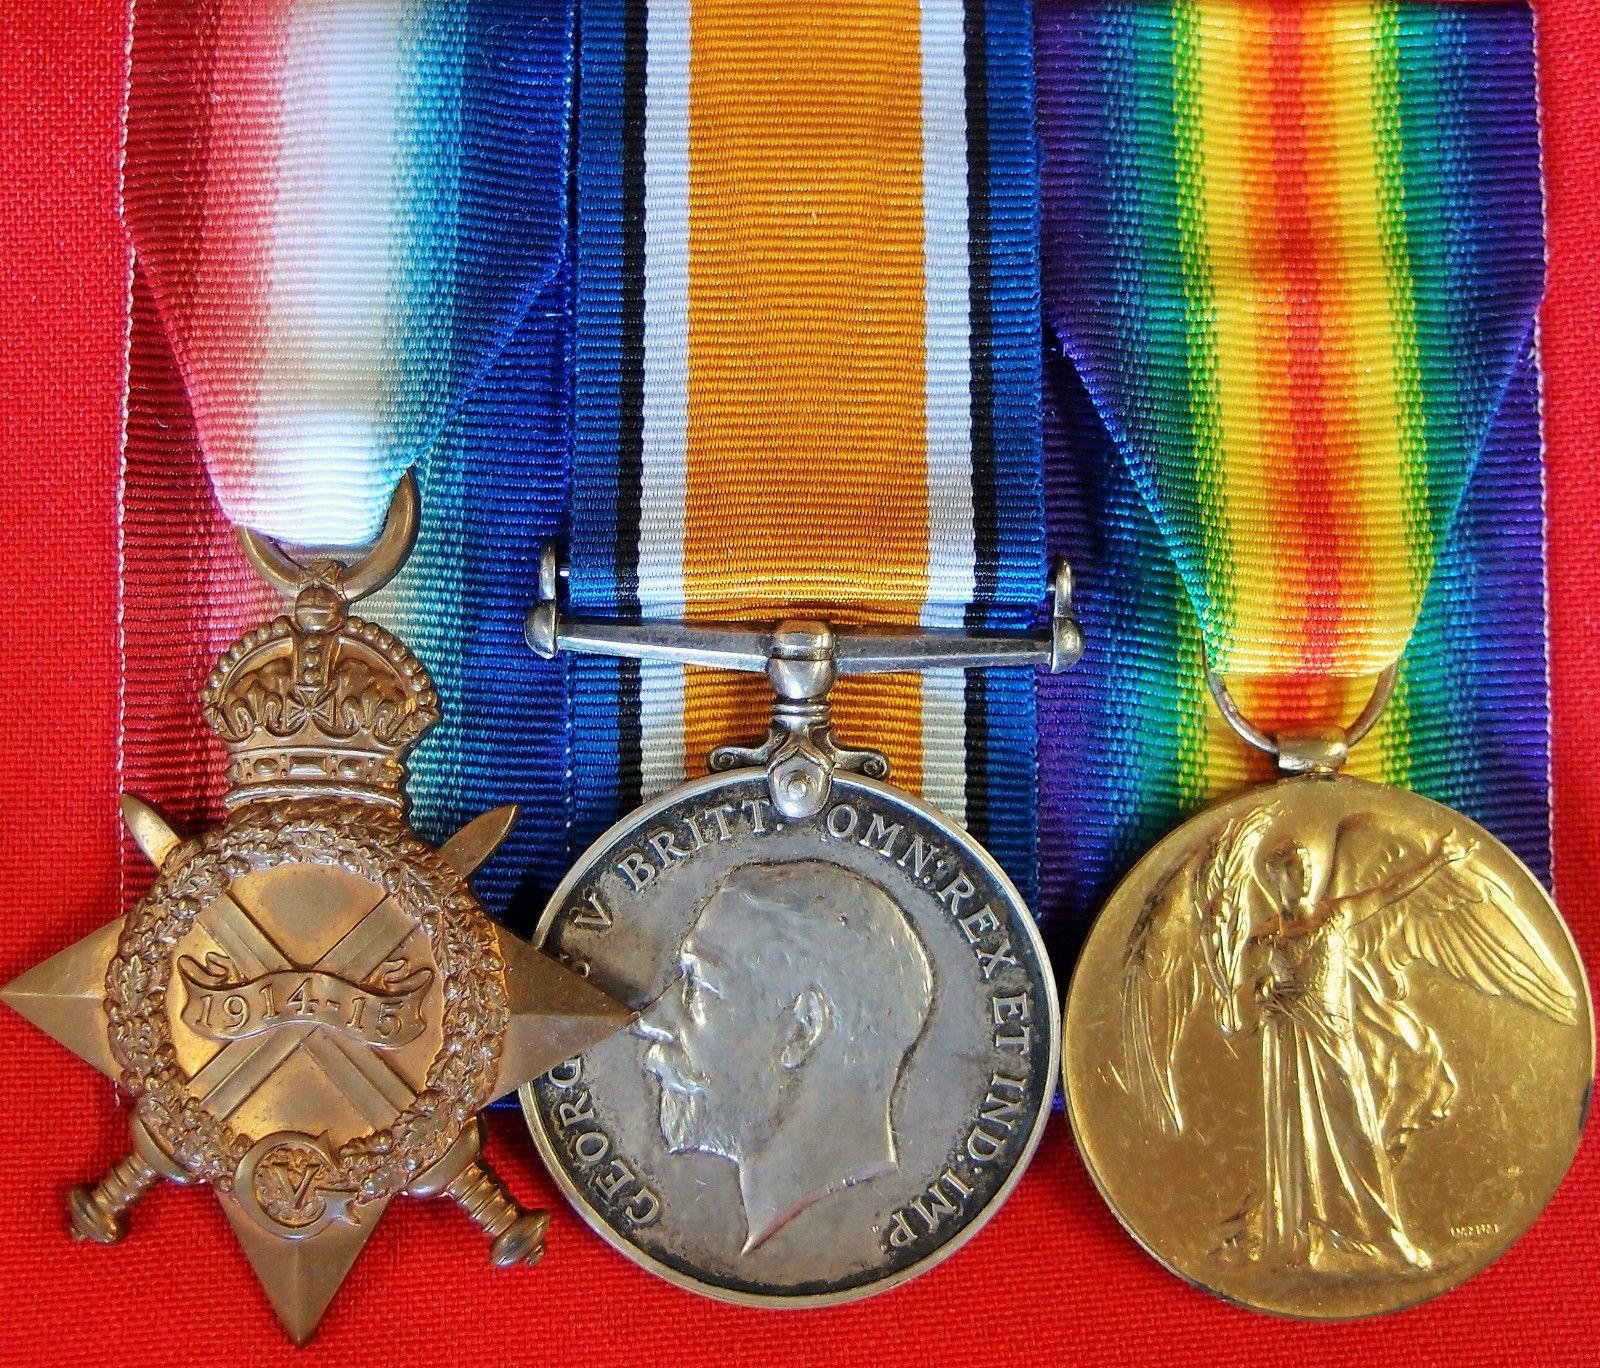 WW1 BRITISH ARMY MEDAL TRIO KIA GROUP POLLITT LANCASHIRE FUSILIERS GALLIPOLI